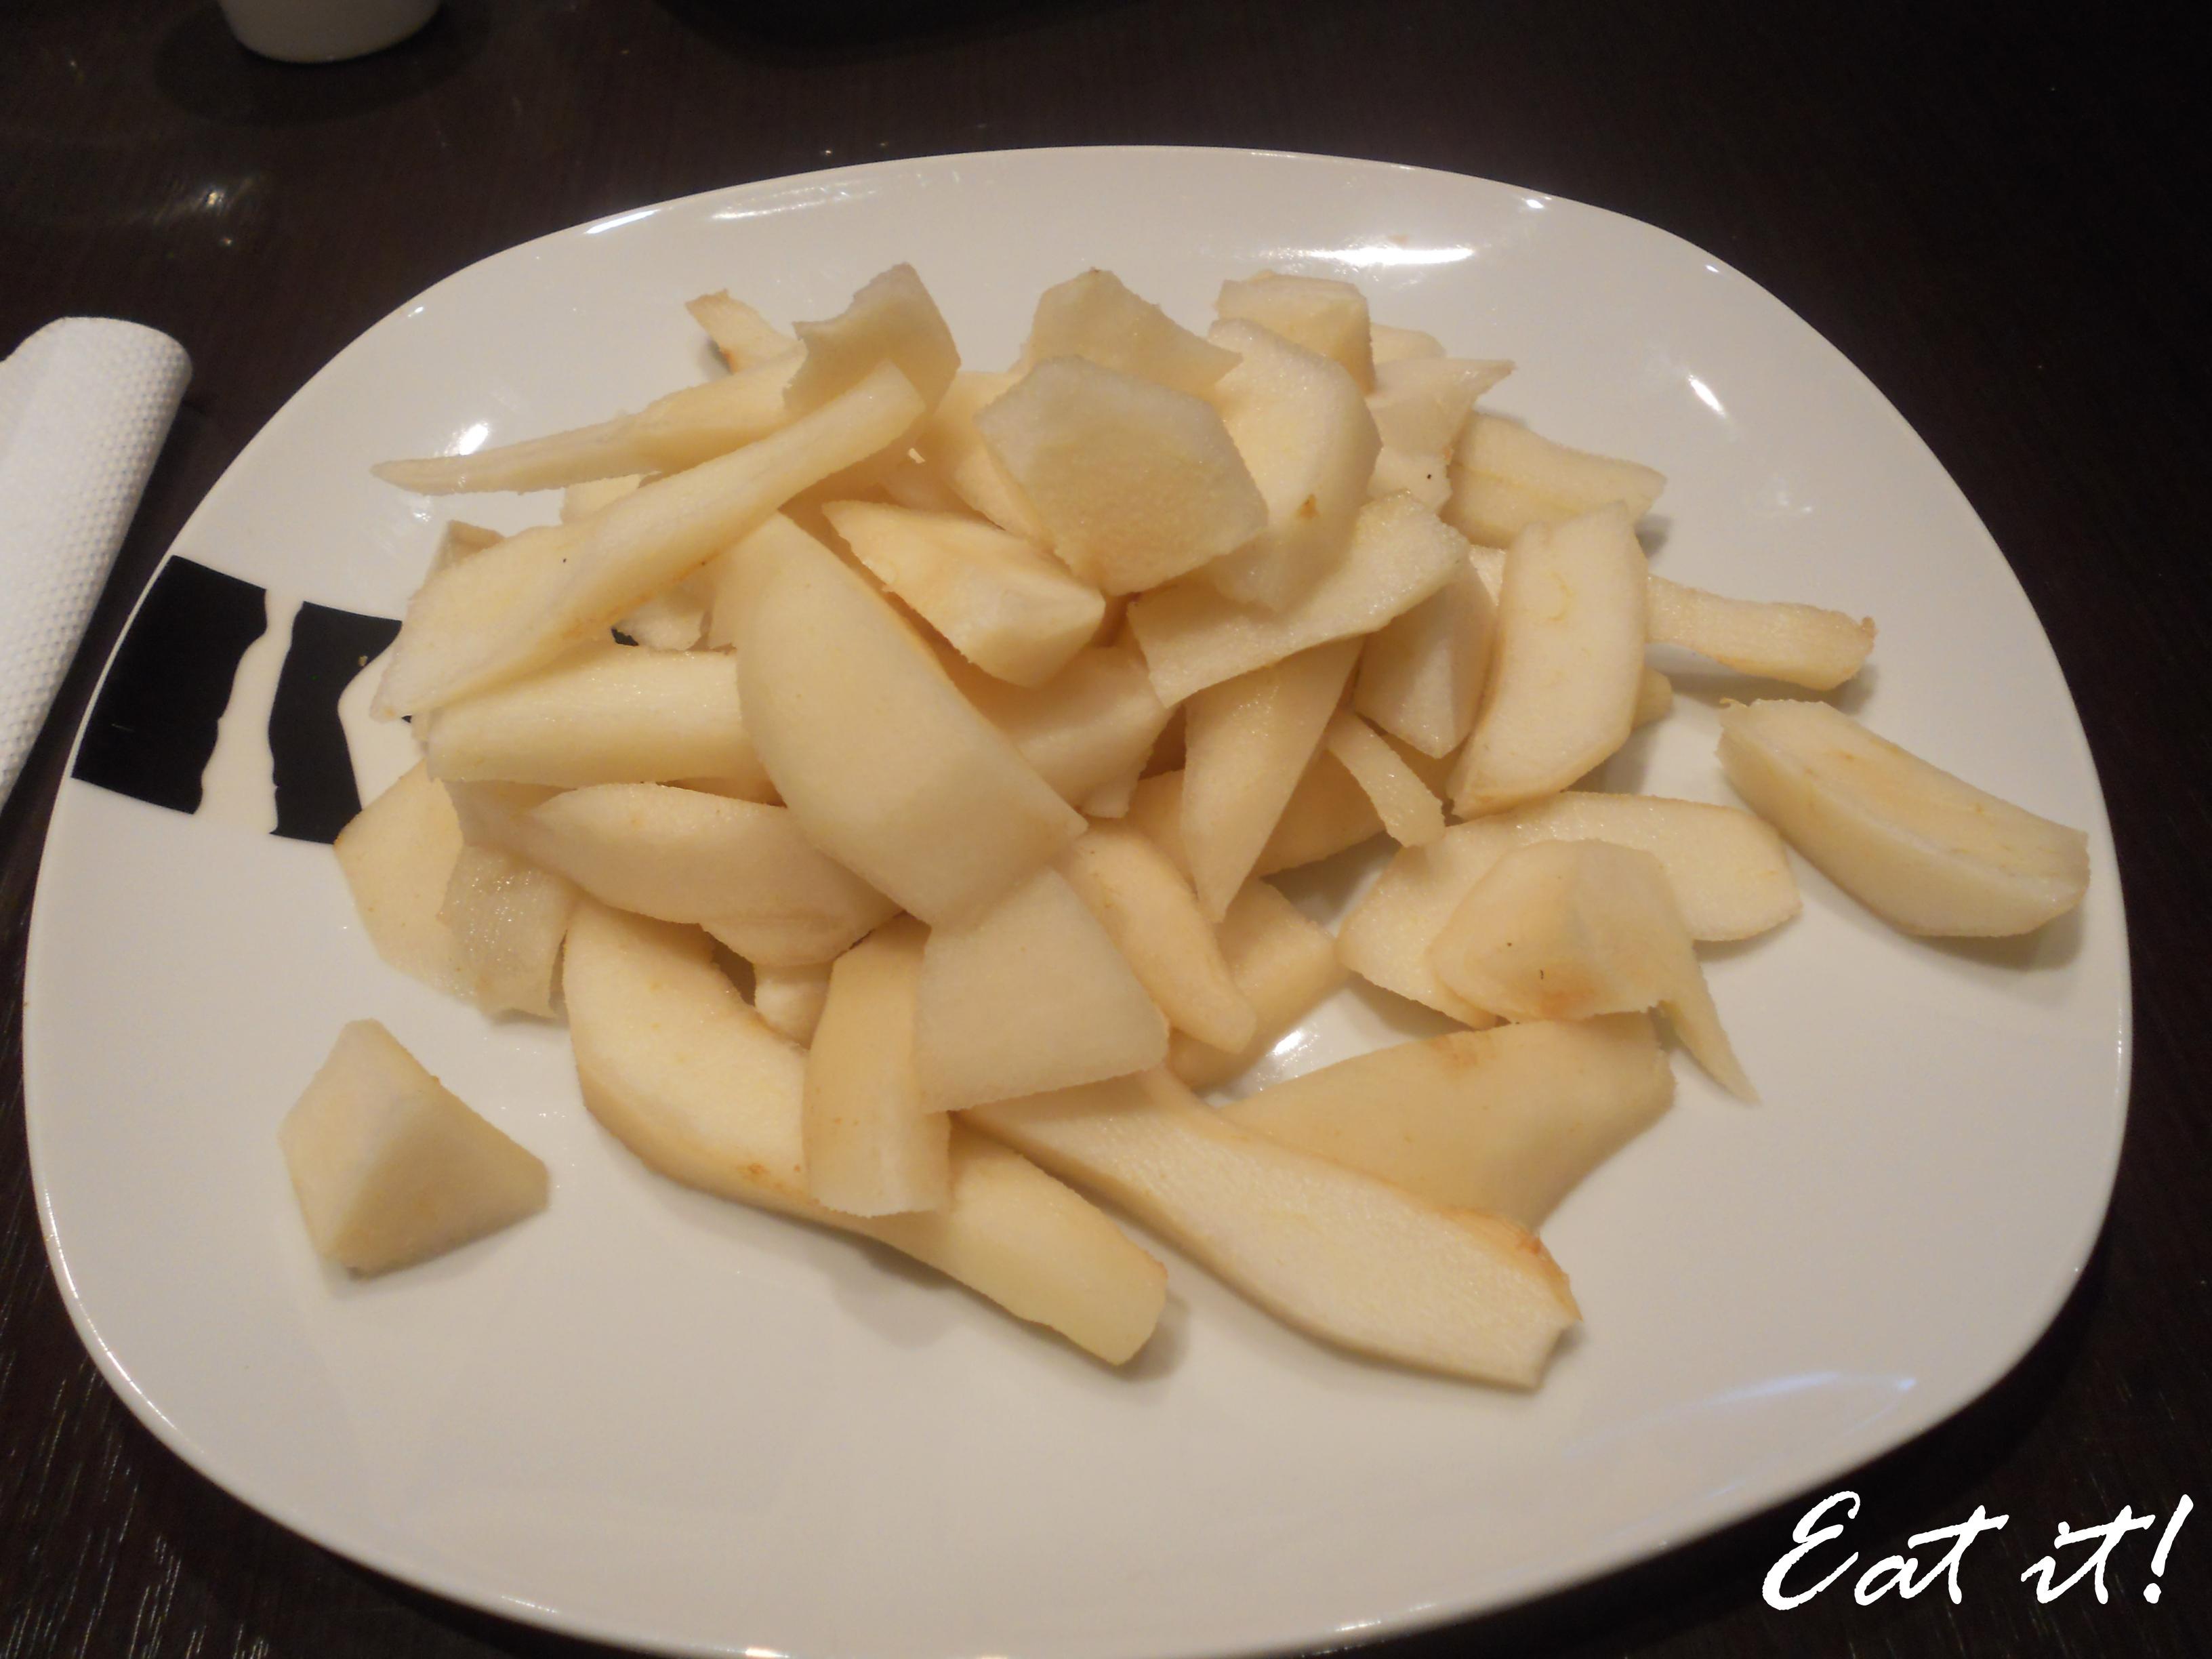 Torta pere, cioccolato e amaretti - Pulire e tagliare le pere